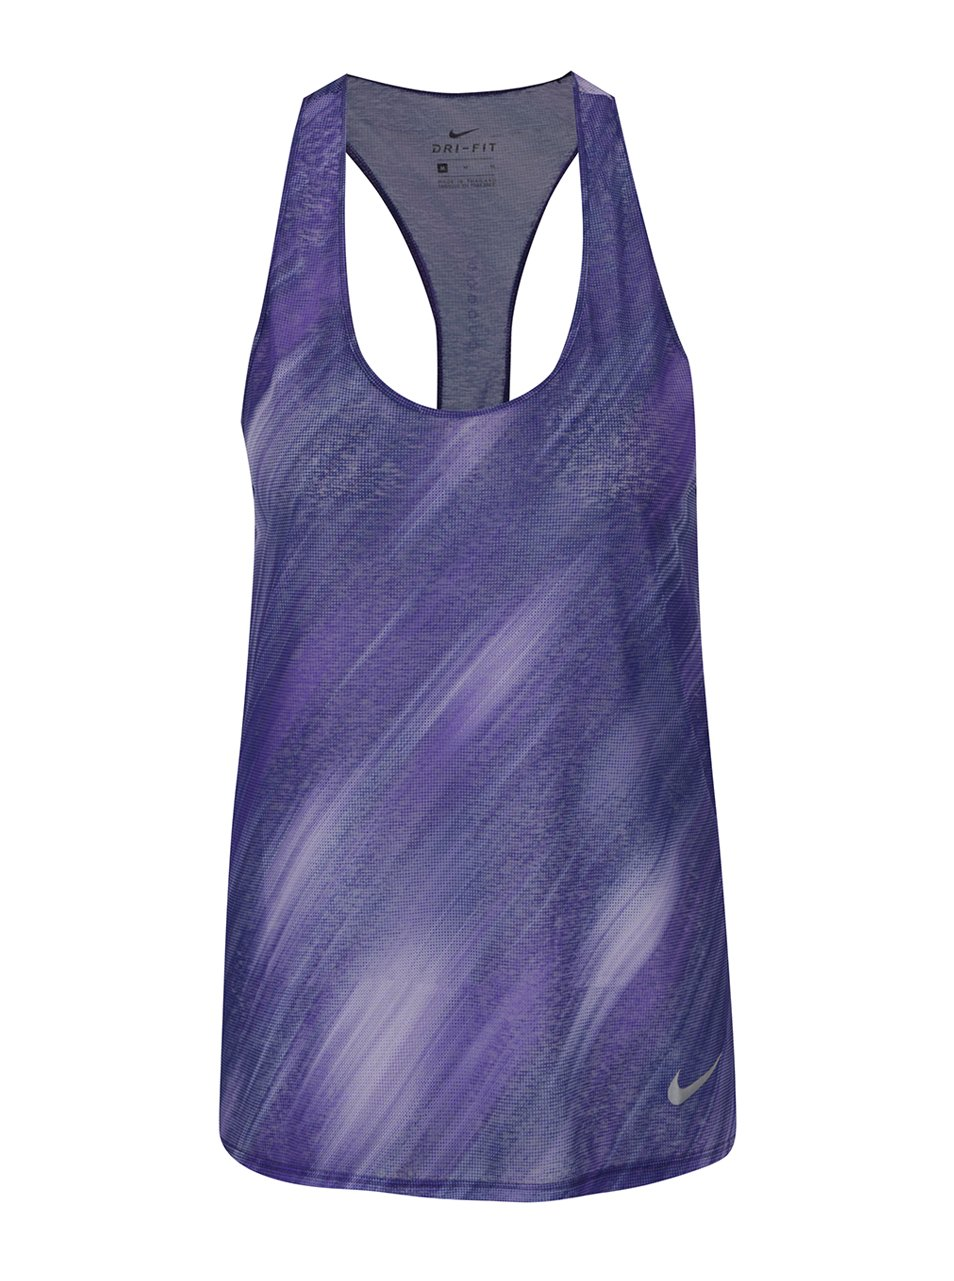 Fialové žíhané dámské funkční tílko Nike